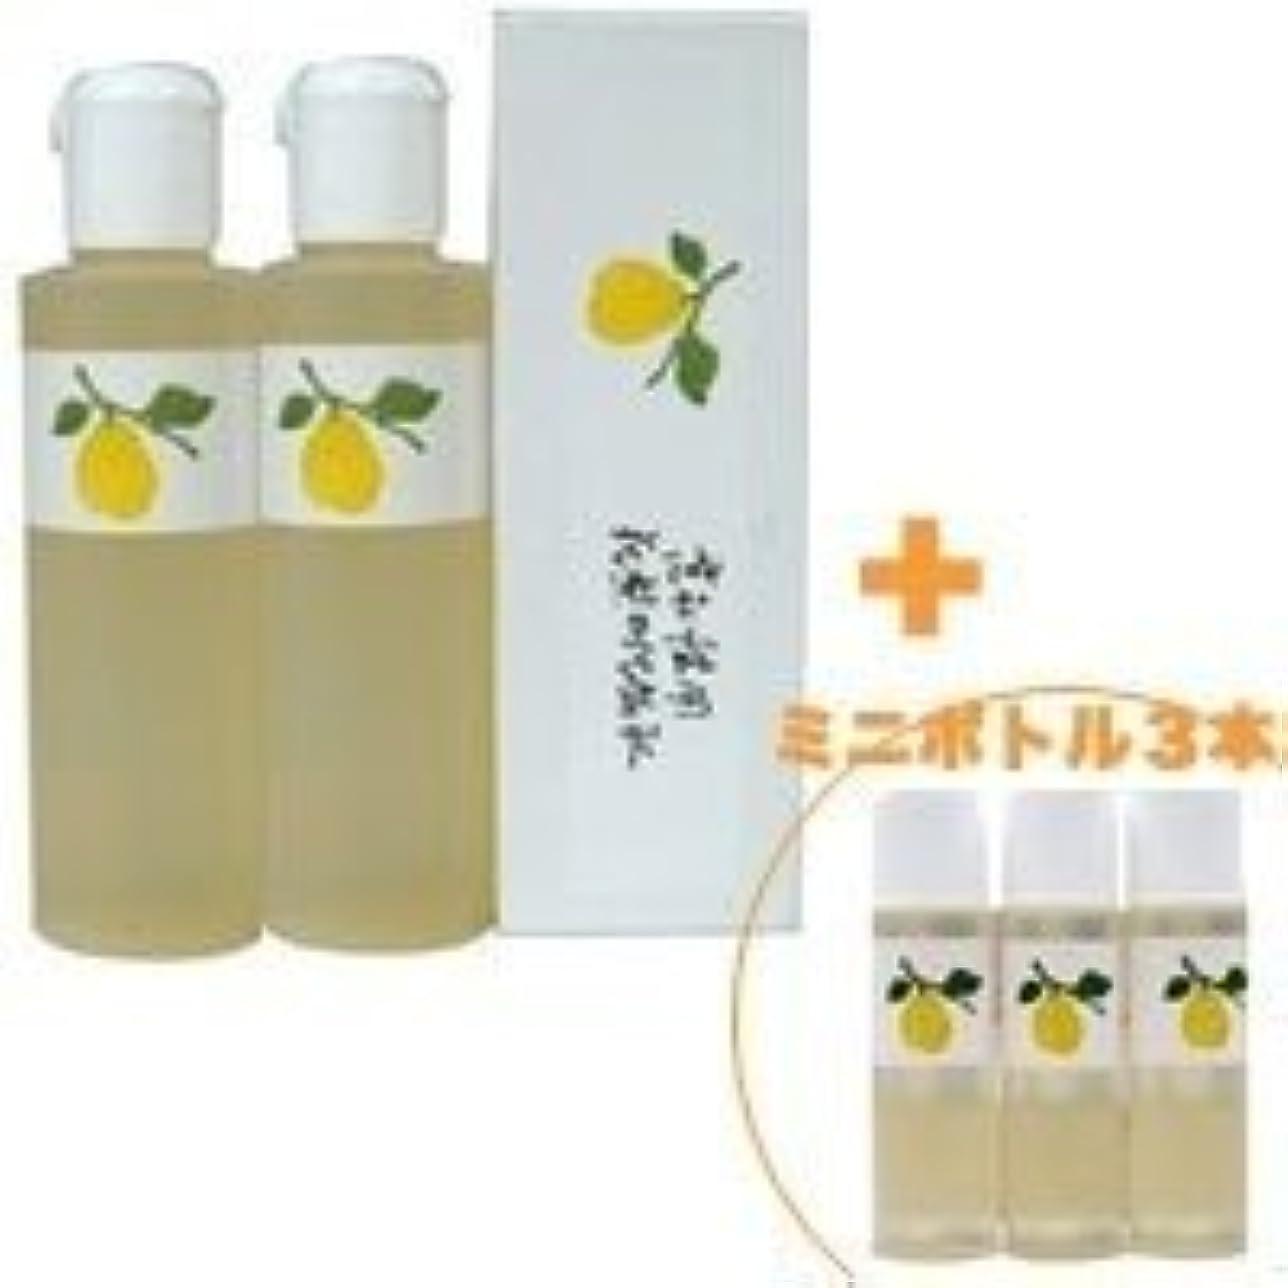 理由レビュアー代替案花梨の化粧水 200ml 2本&ミニボトル 3本 美容液 栄養クリームのいらないお肌へ 保湿と乾燥対策に